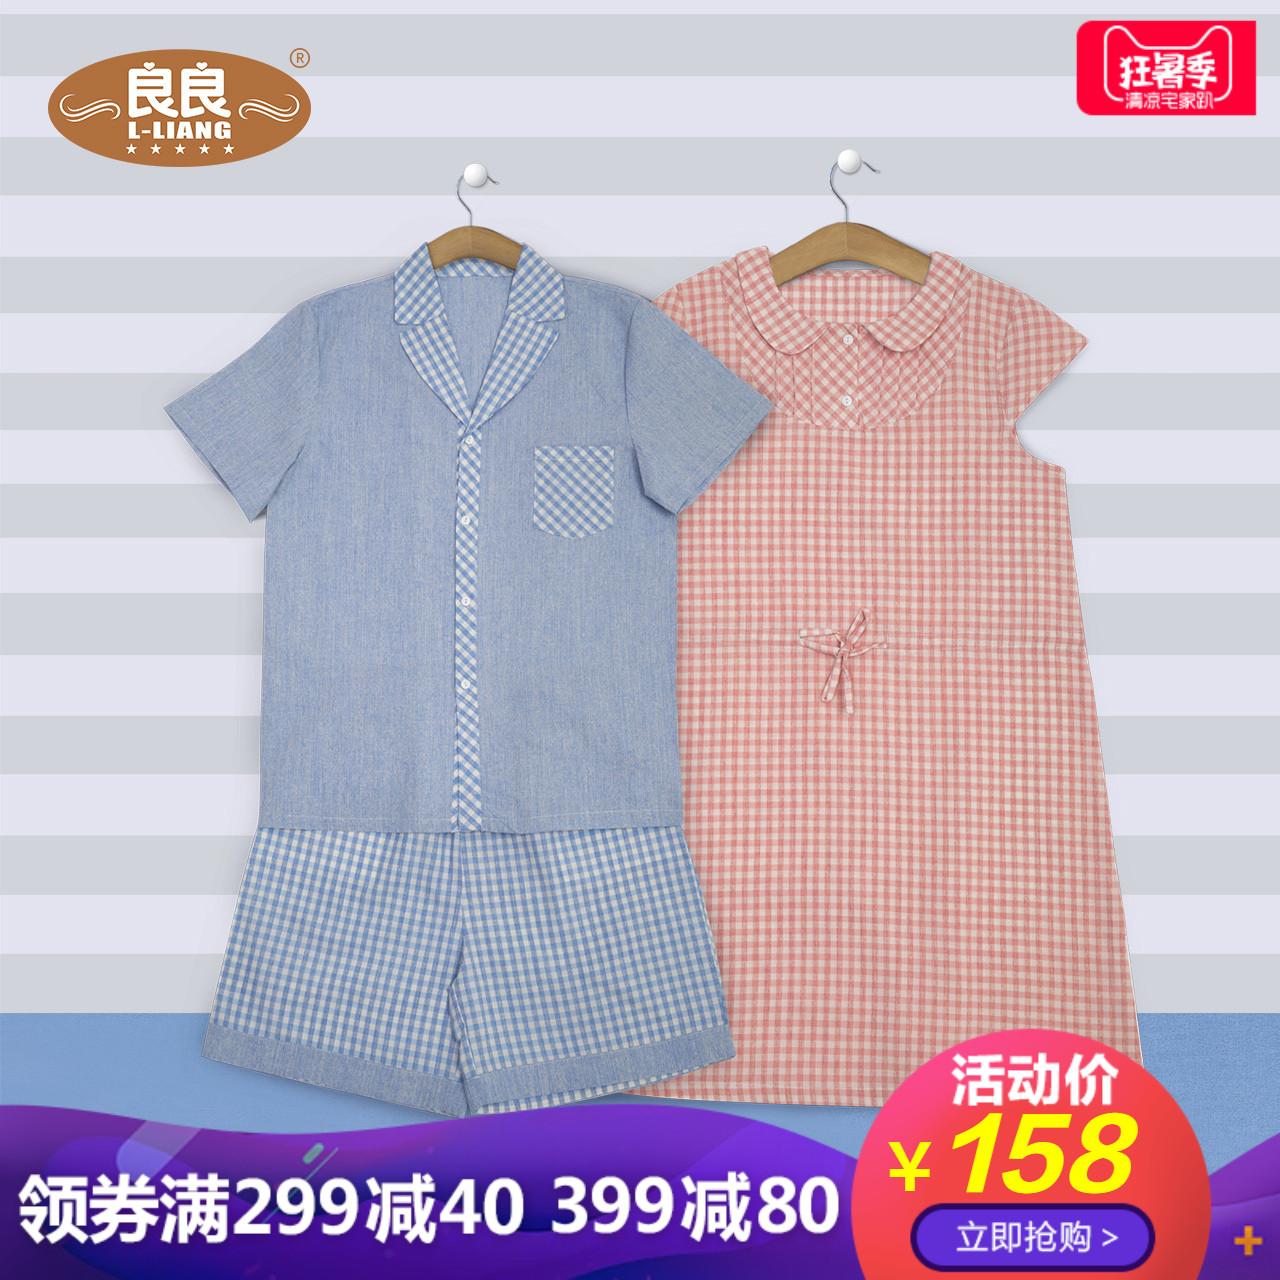 Liangliang cha mẹ và con phù hợp với vài gia đình mặc nam giới và phụ nữ ngắn tay đồ ngủ mùa xuân và mùa thu linen cotton lỏng người lớn dịch vụ nhà